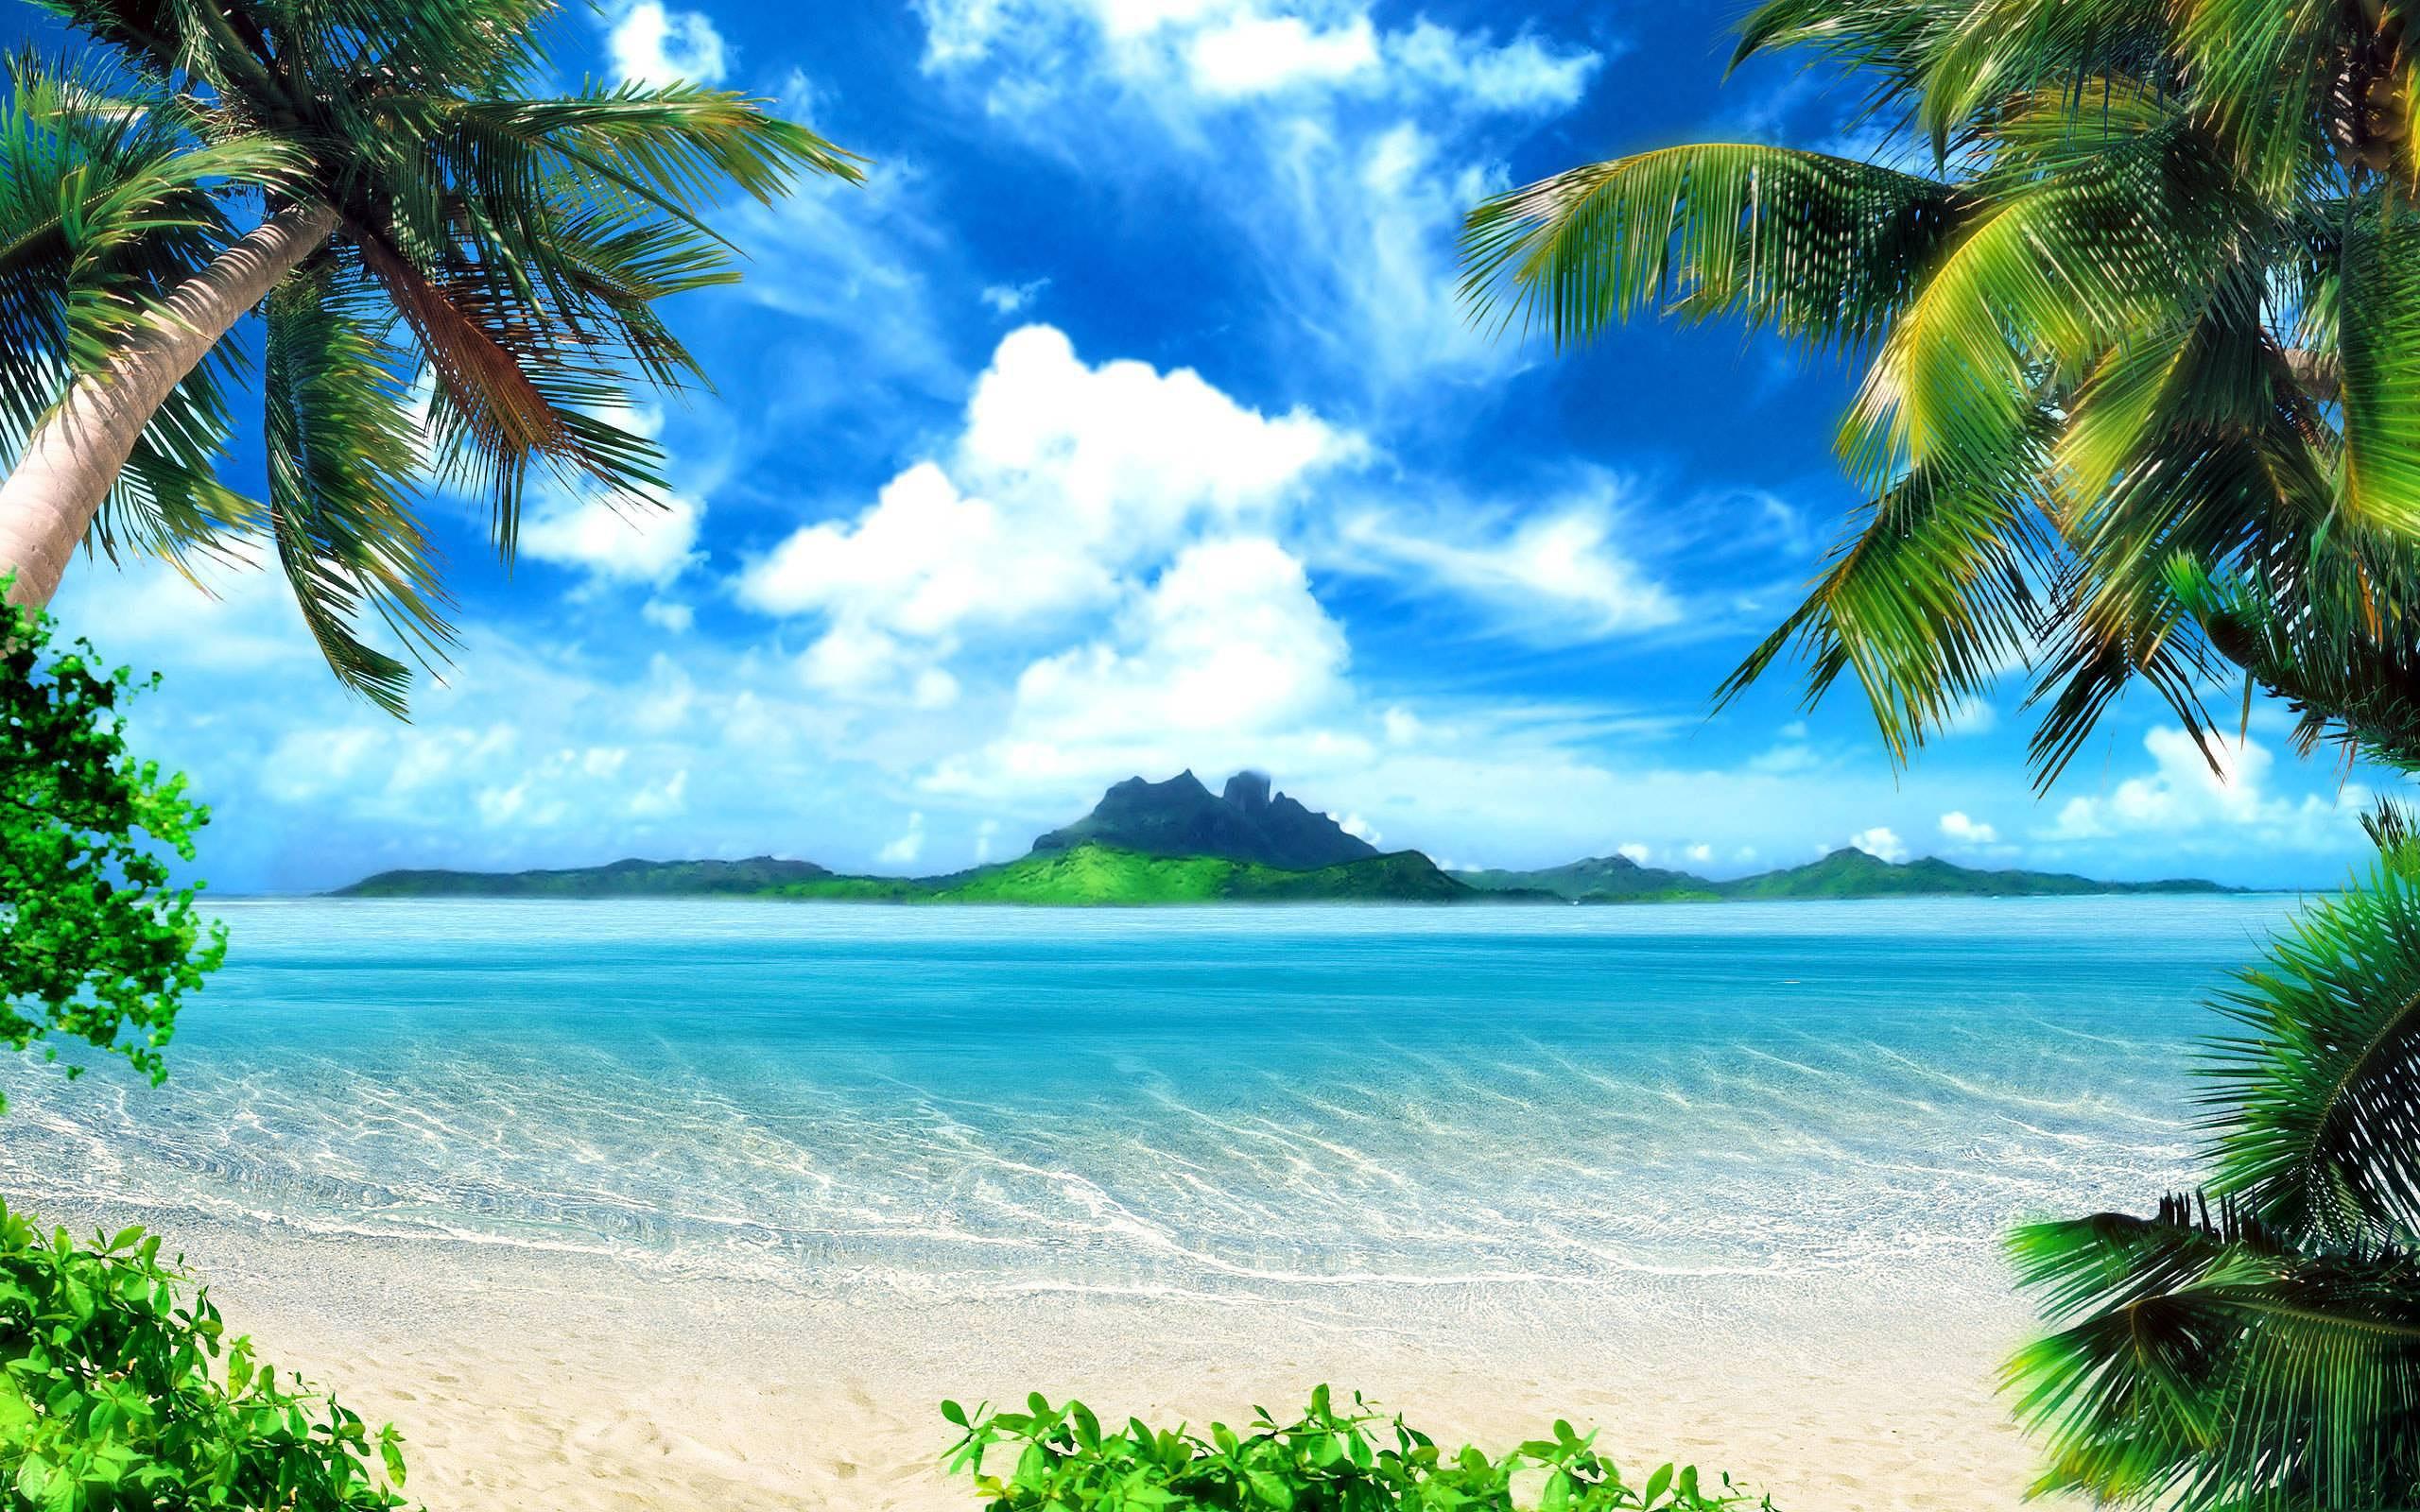 Tropical Beach Wallpapers Desktop 2560x1600